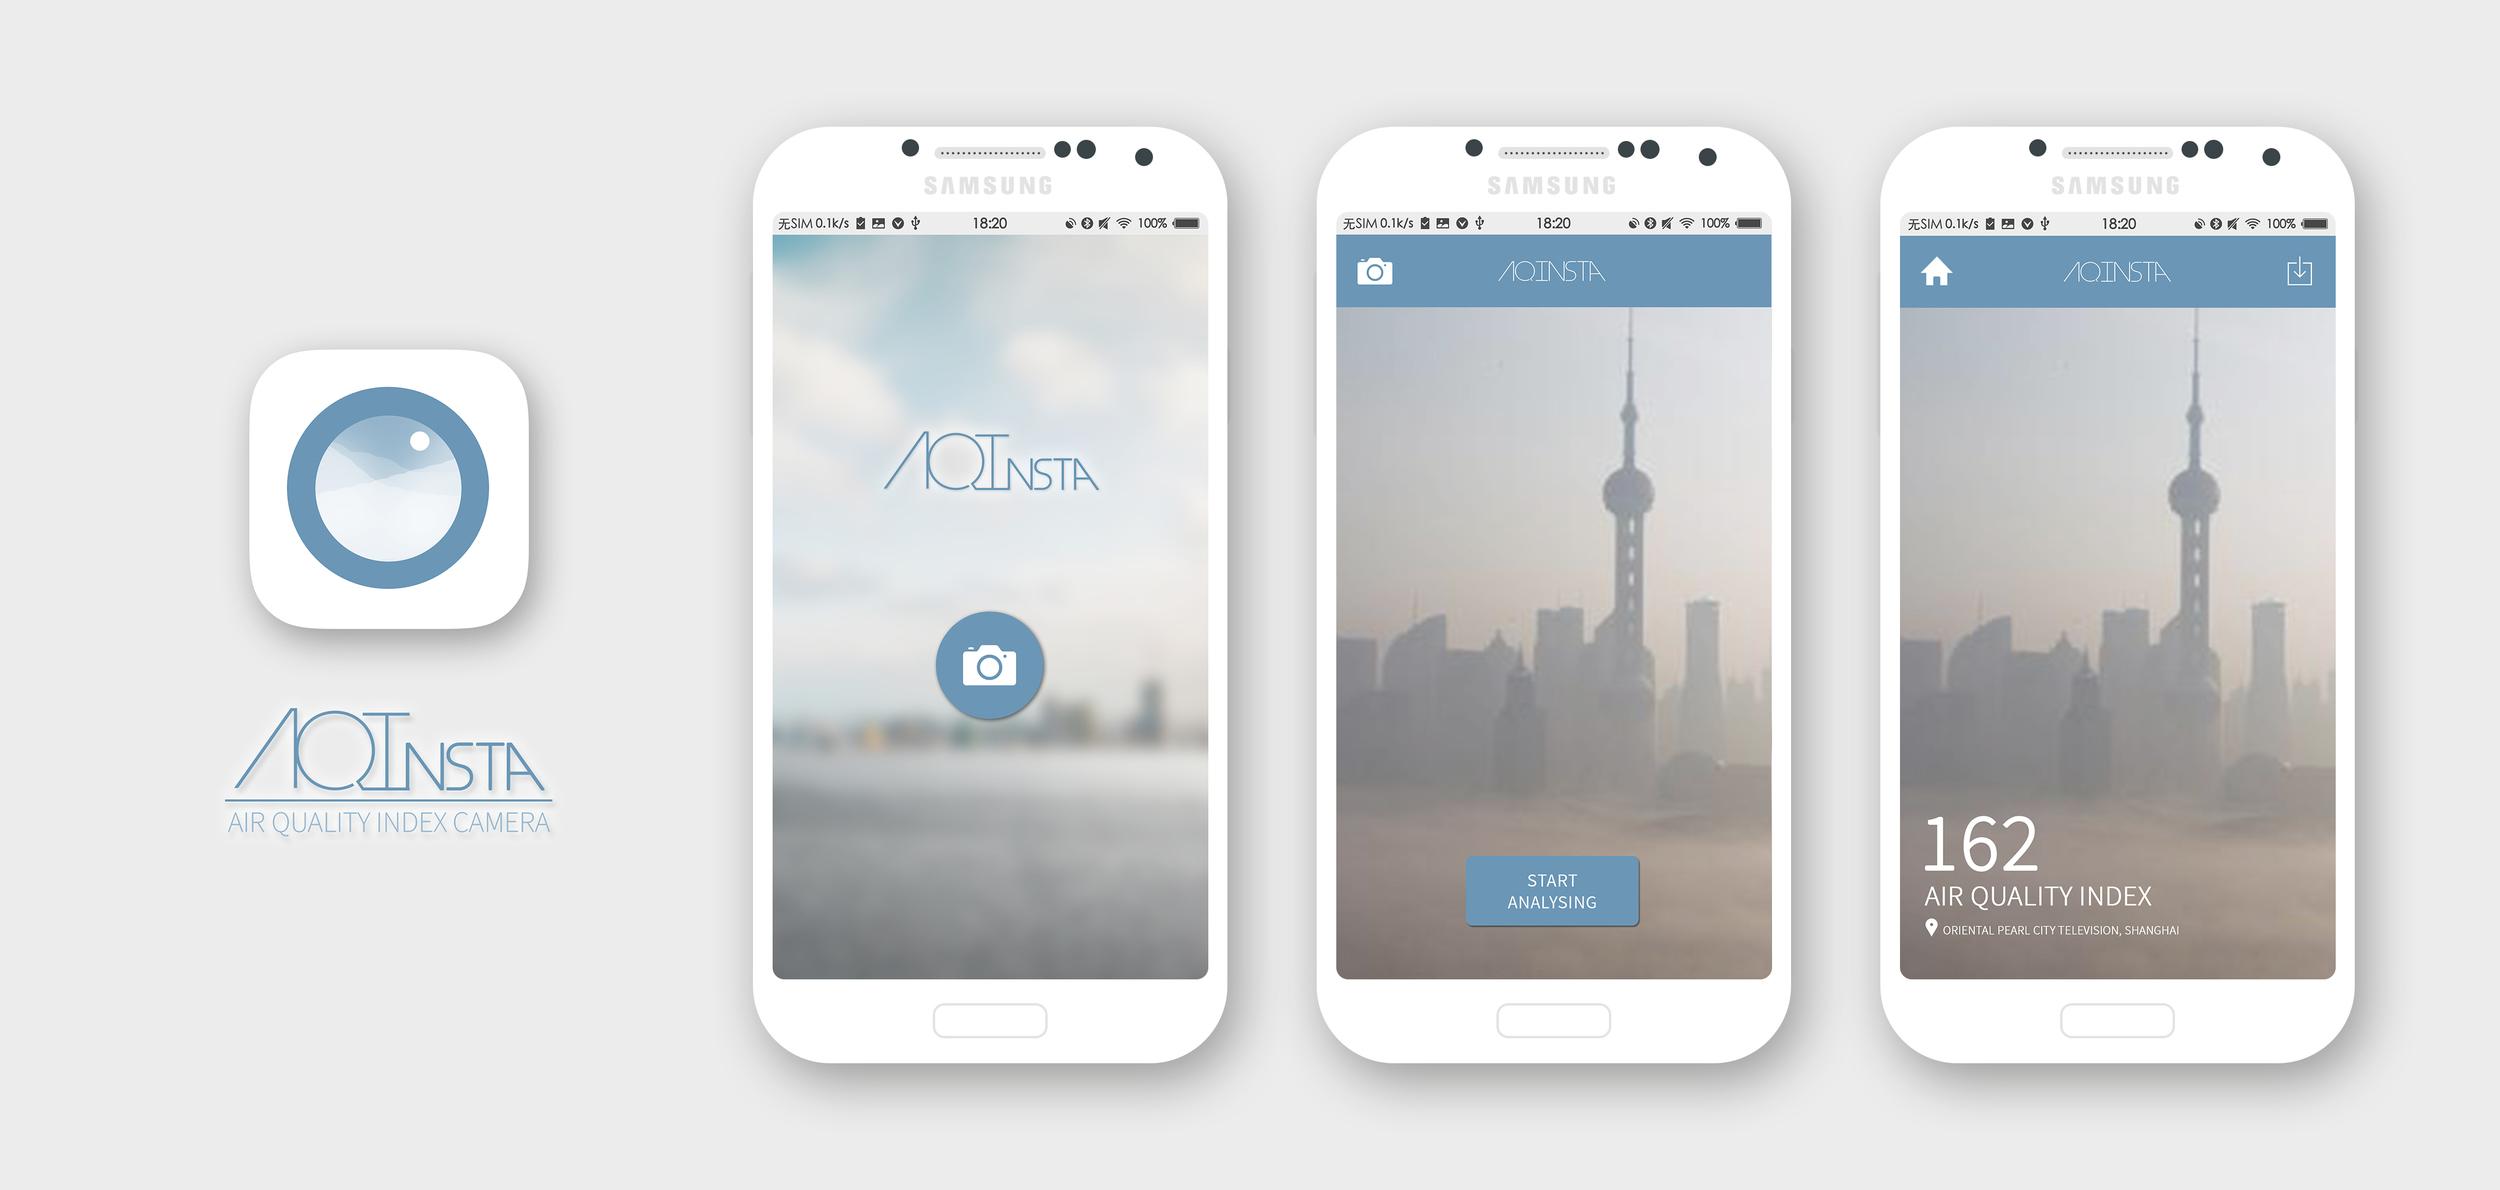 I designed the UI for an air quality index camera application.